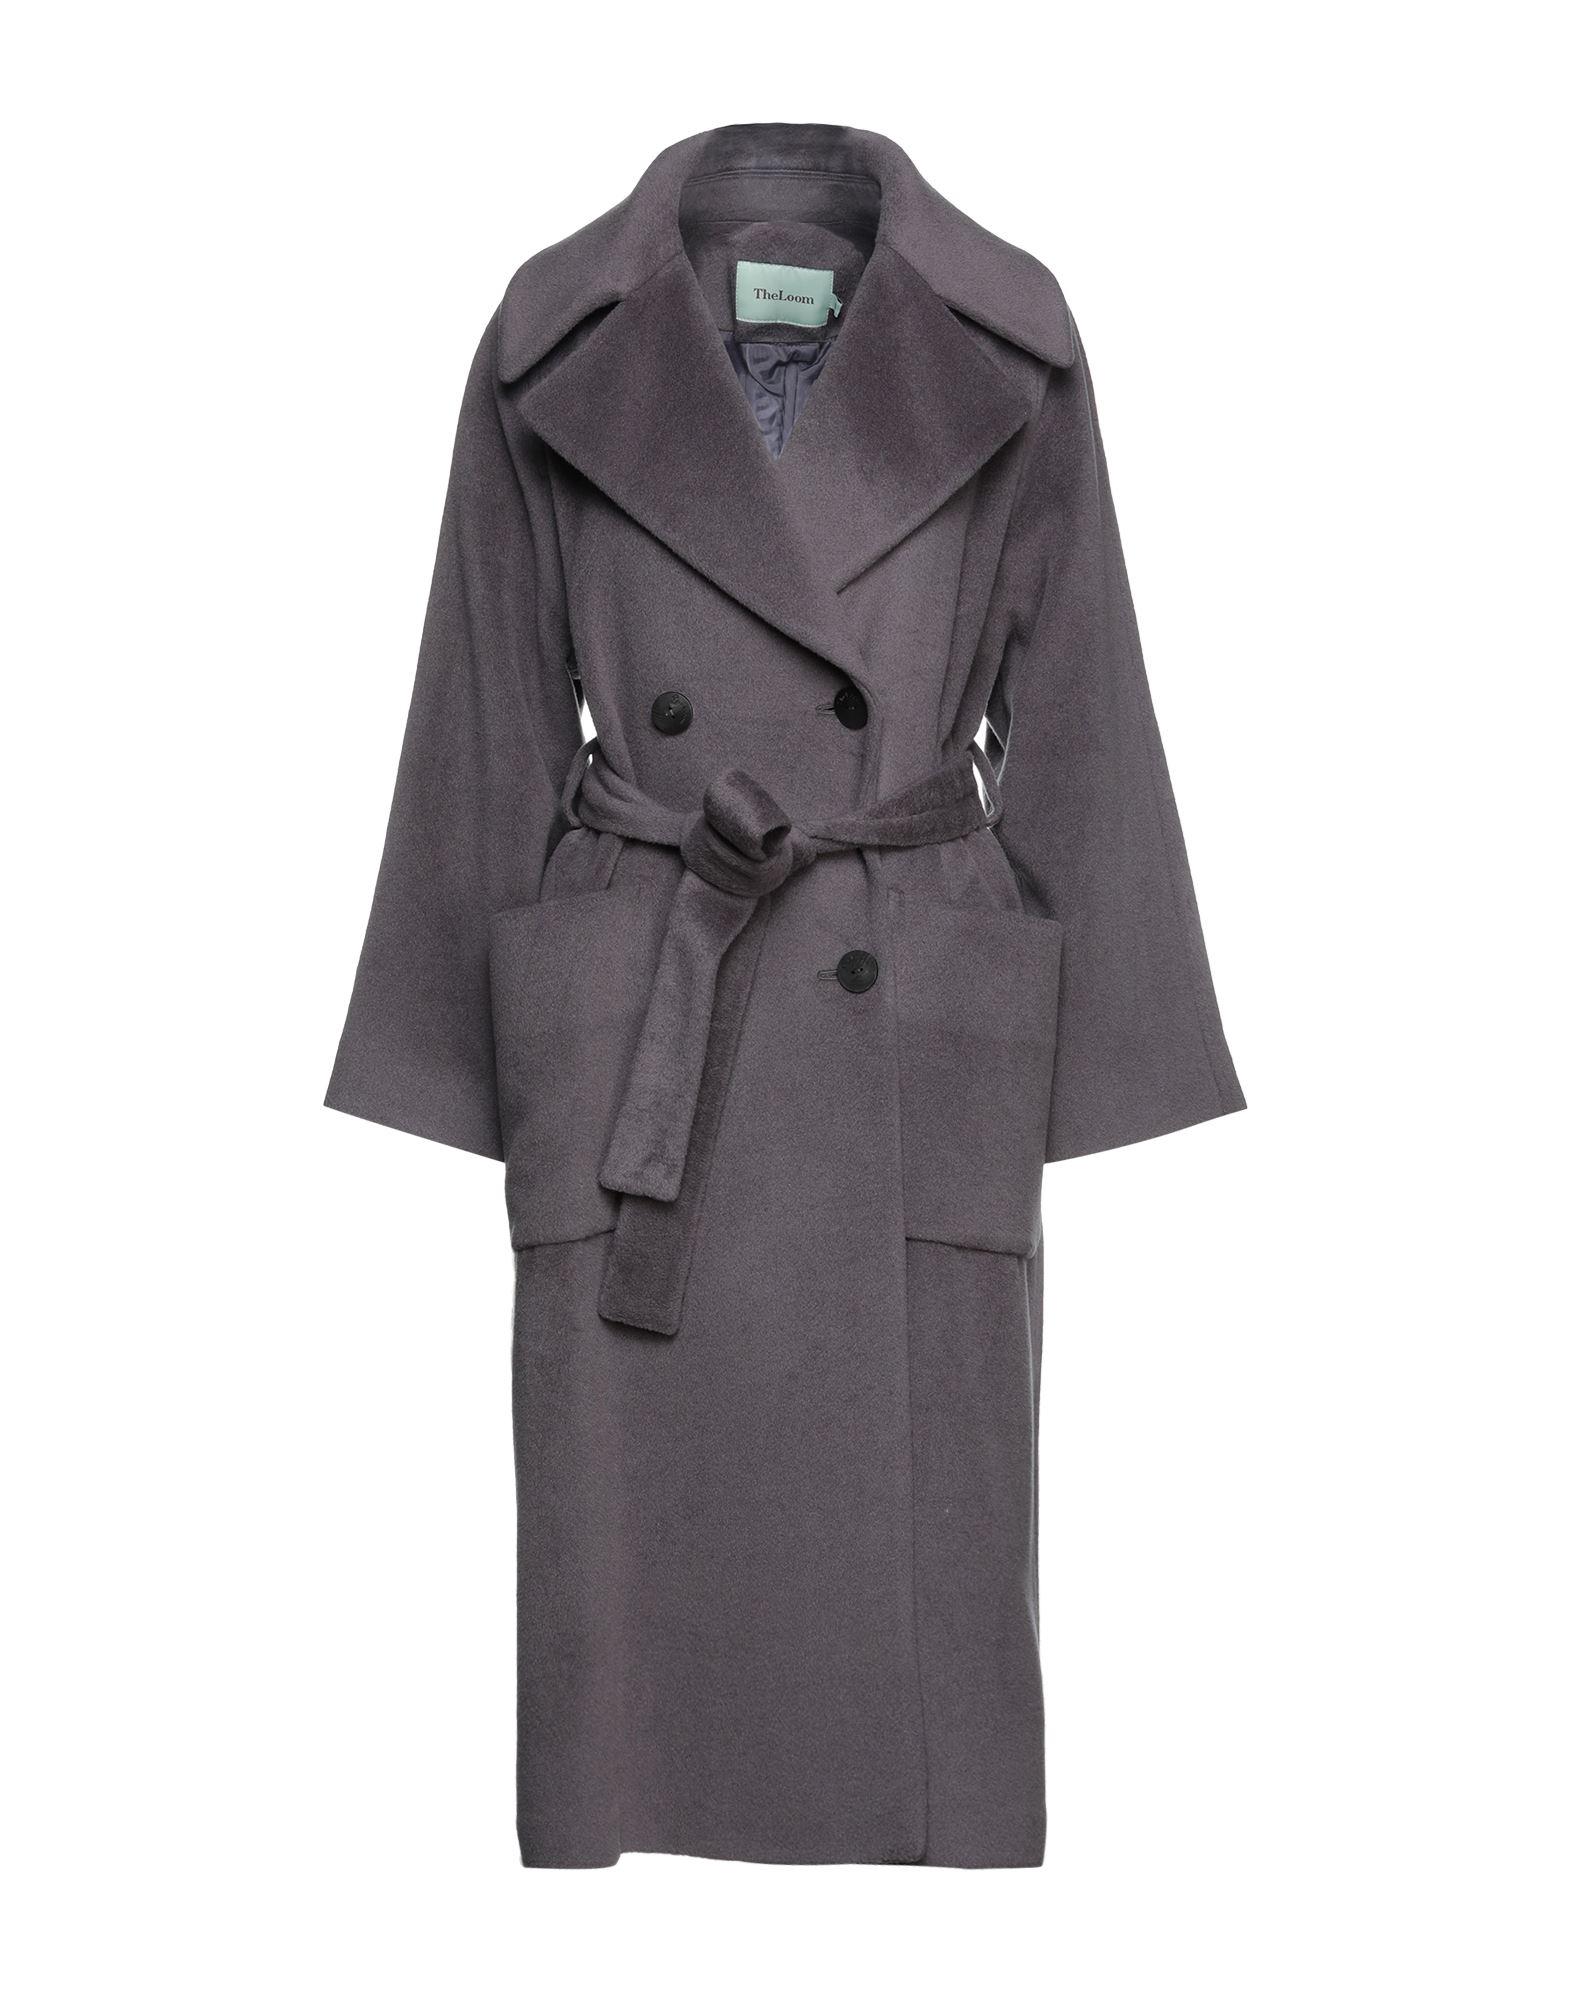 Фото - THE LOOM Пальто the loom пальто